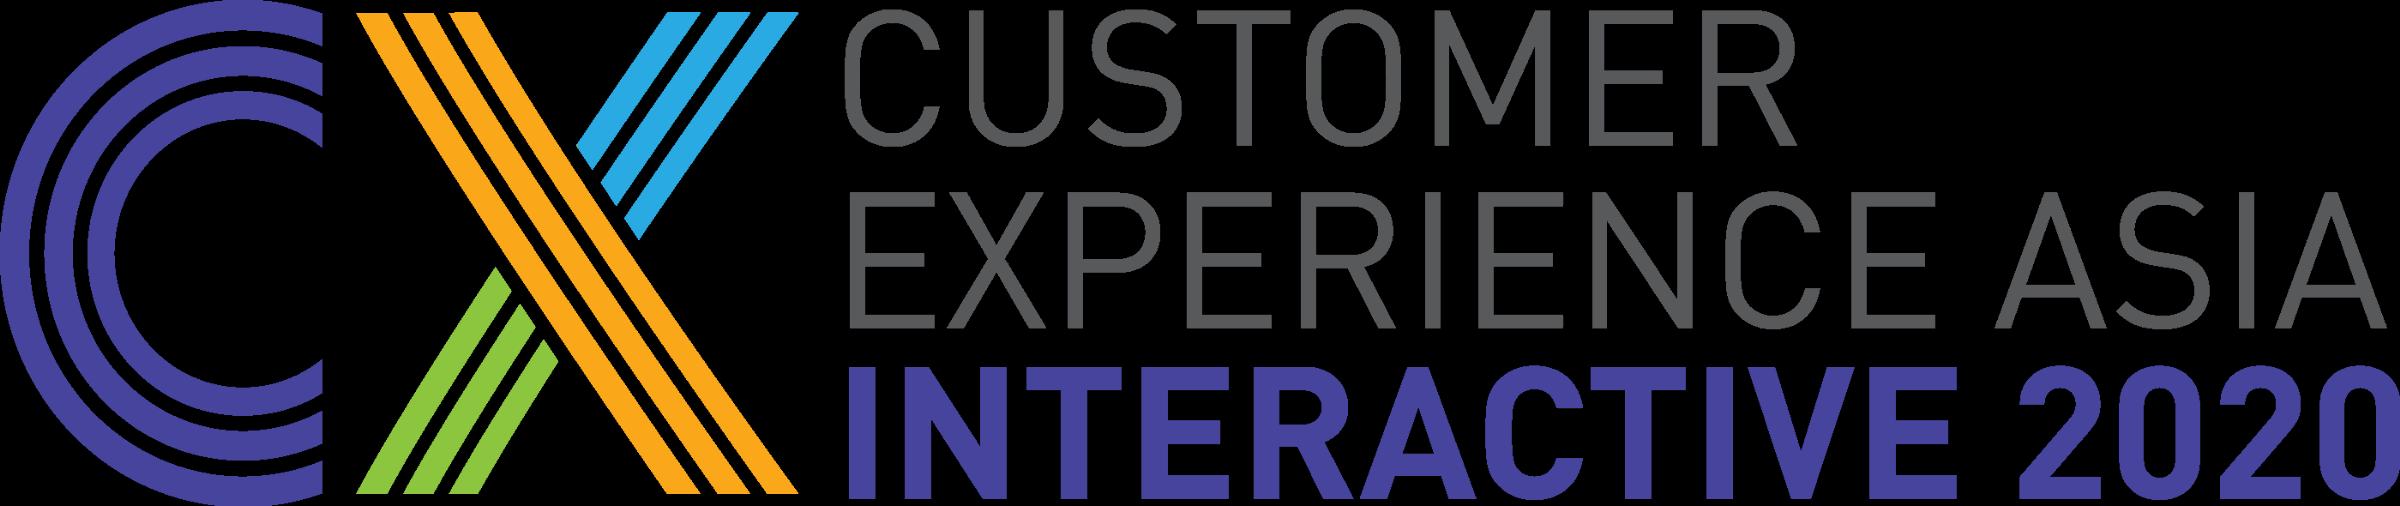 CX Asia Interactive 2020